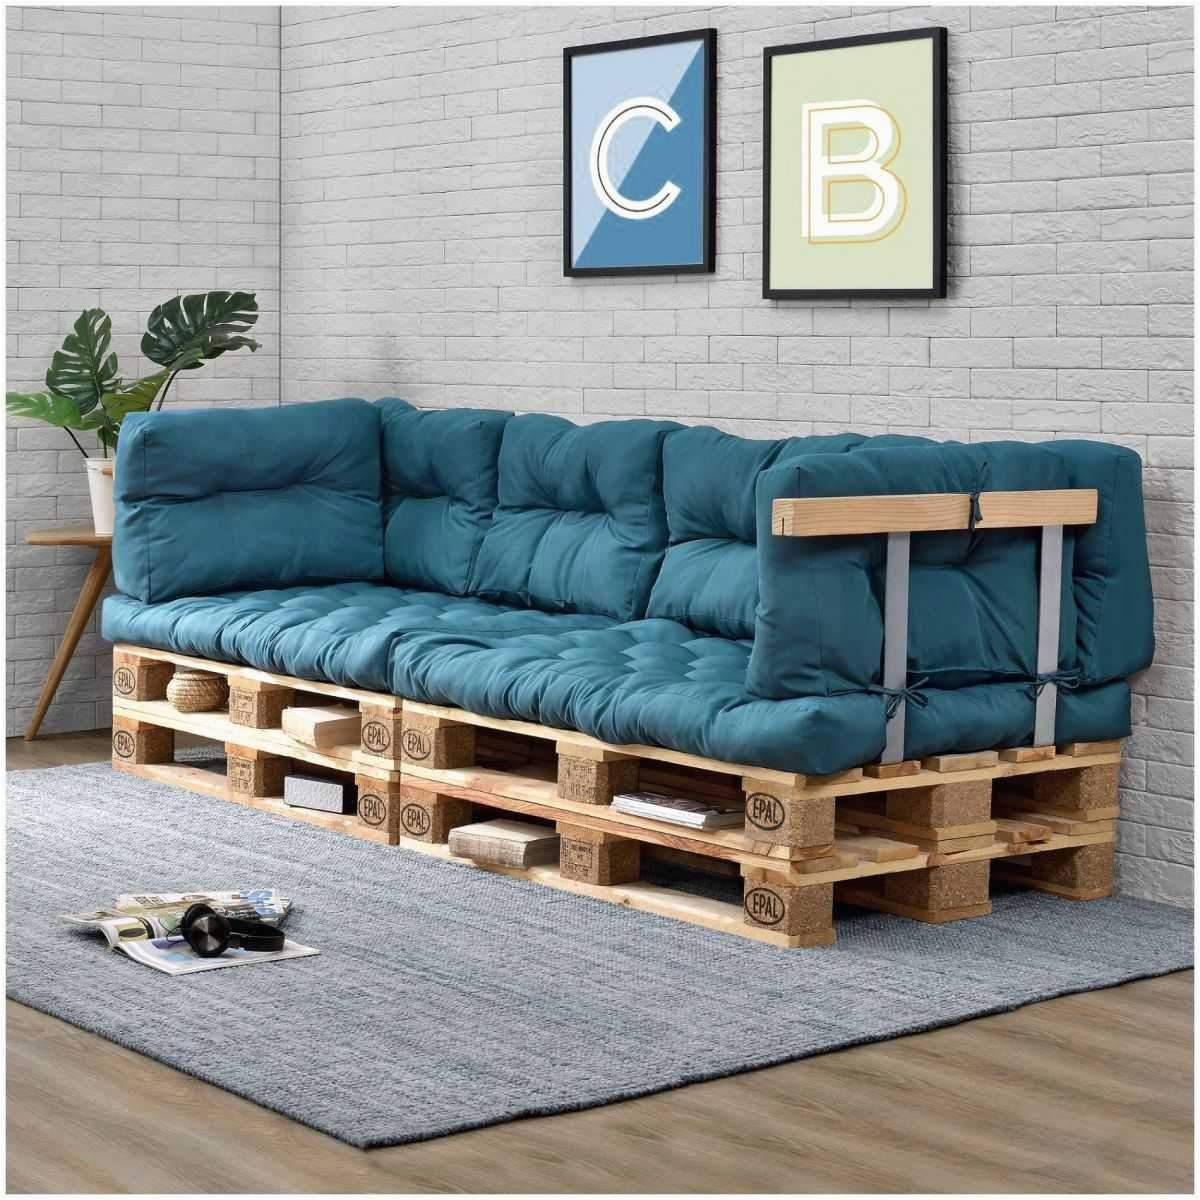 ikea mobel wohnzimmer einzigartig wandgestaltung wohnzimmer planer planen von ikea mobel of ikea mobel wohnzimmer